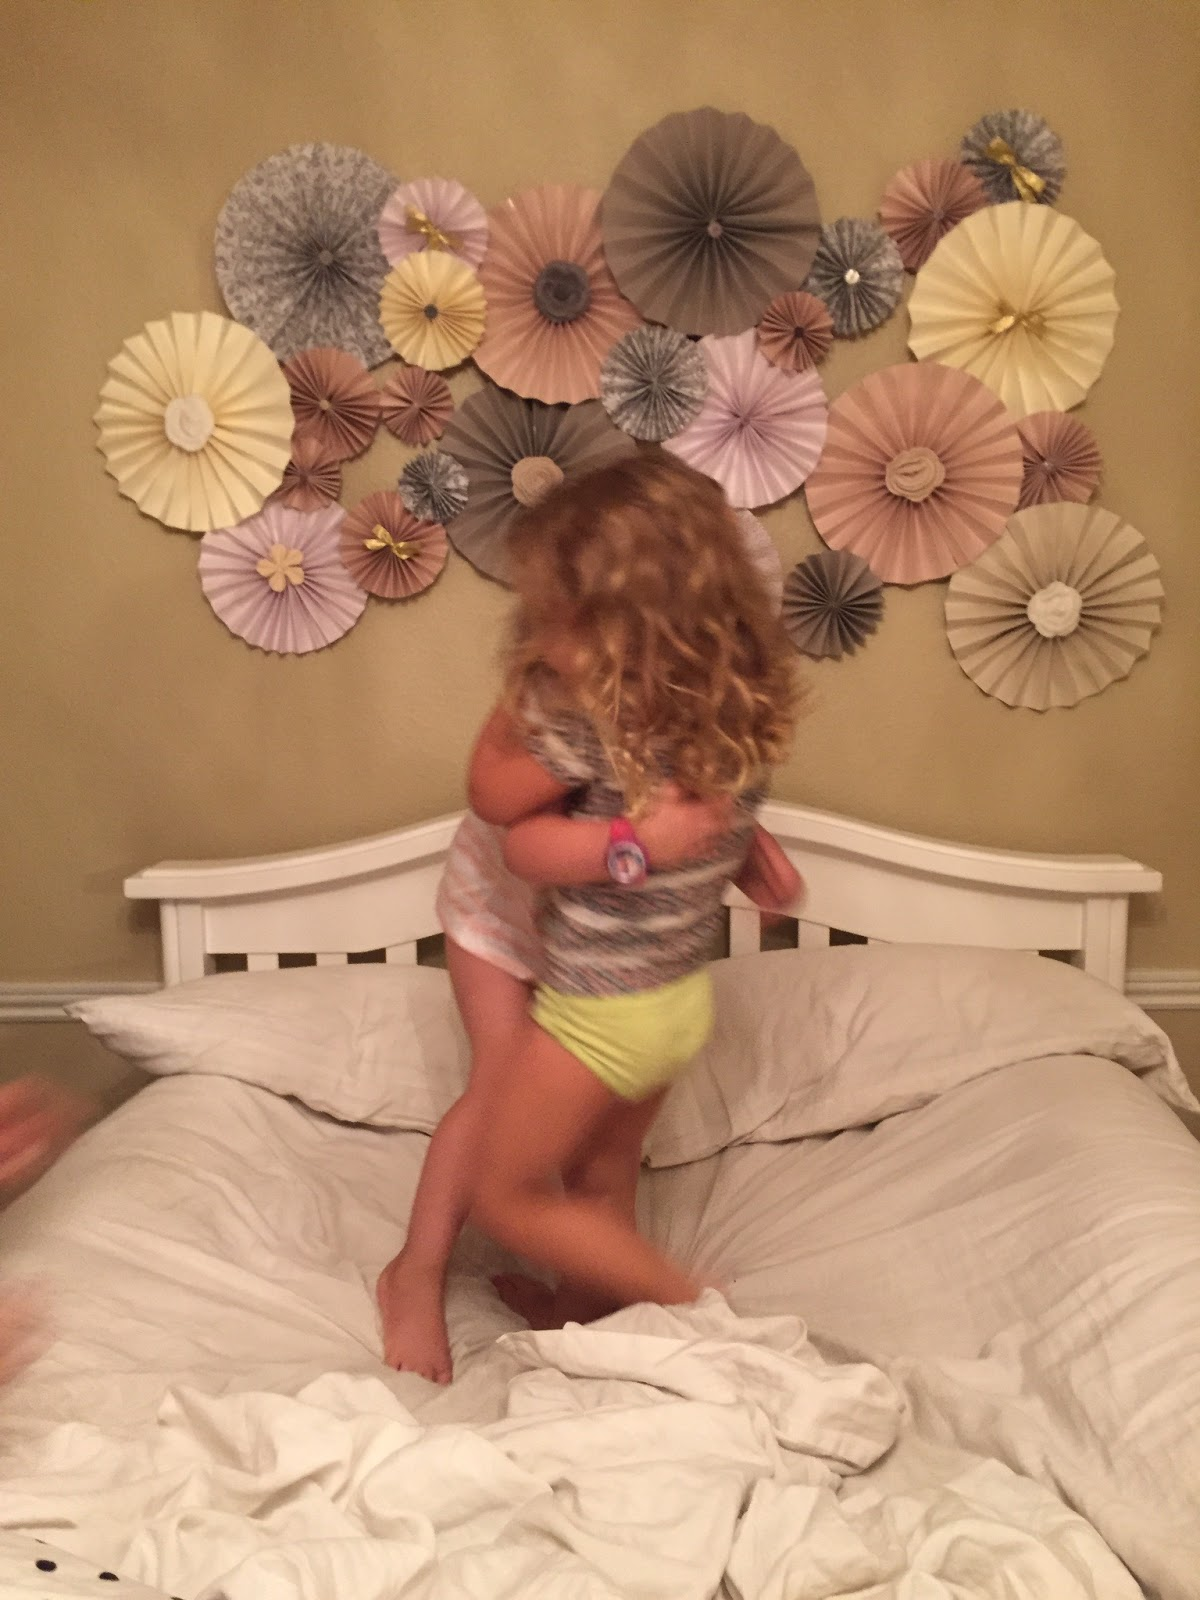 Girls Crash Party First Time Sleepwalking